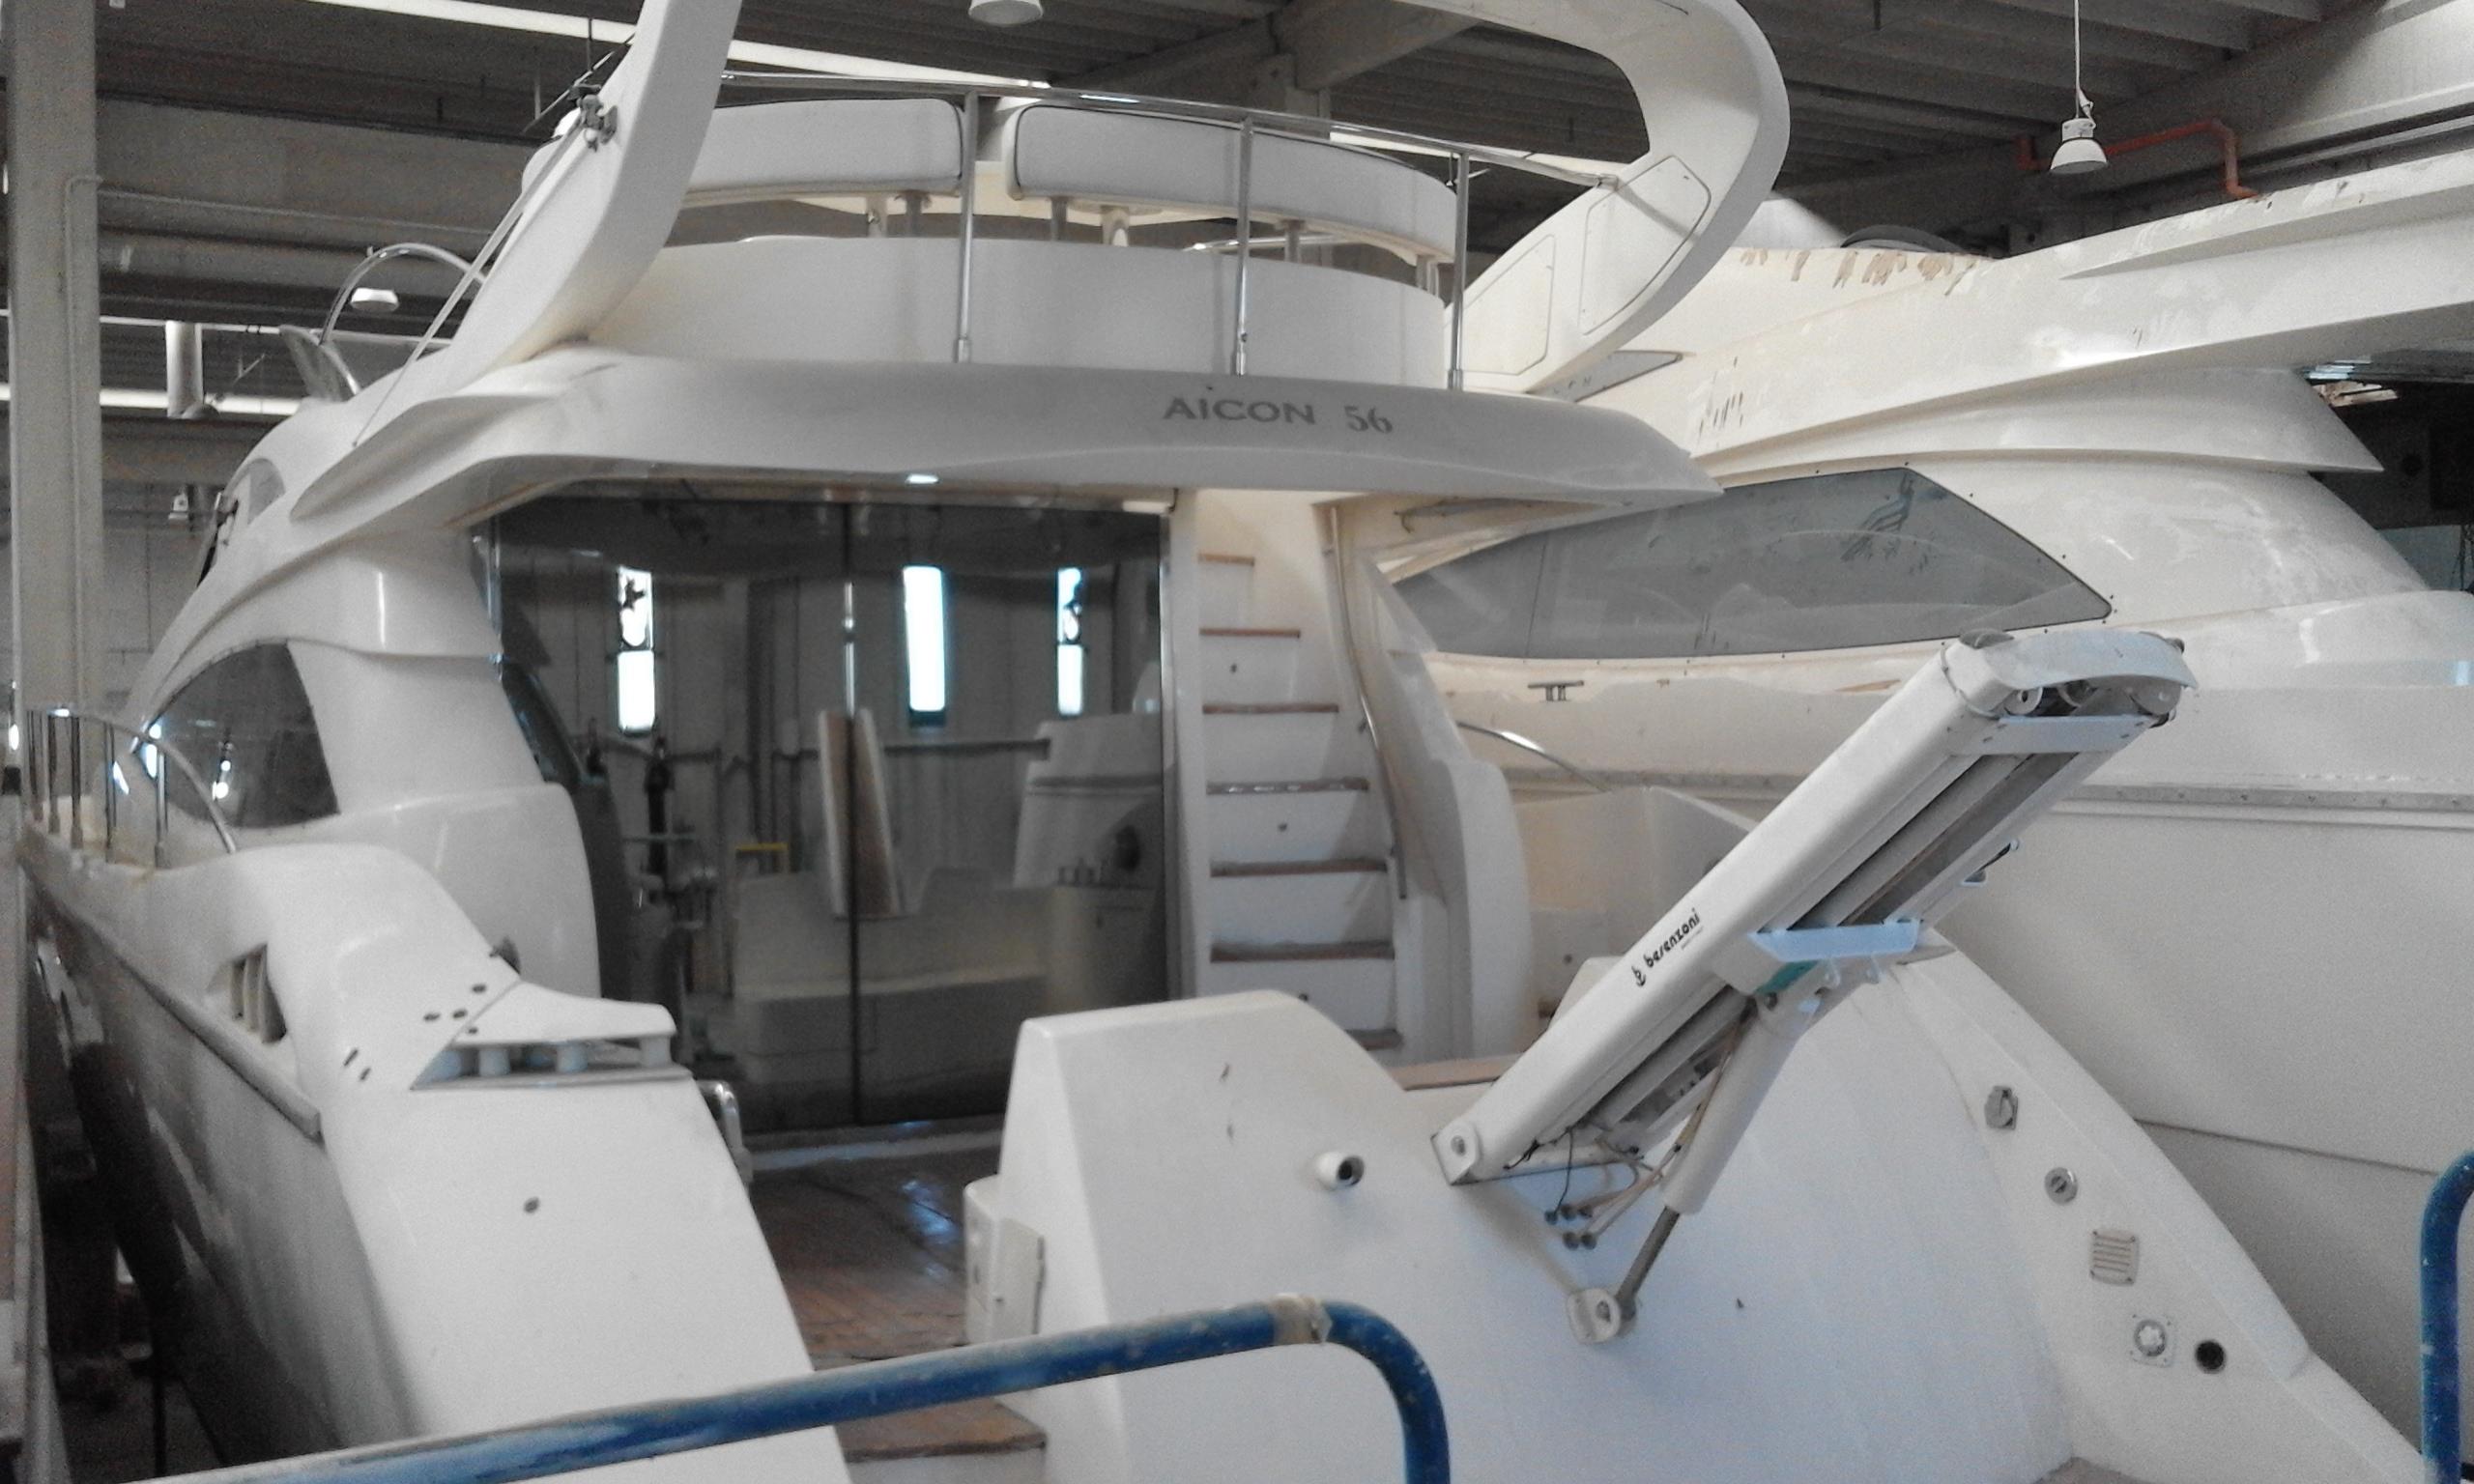 Imbarcazione Aicon Fly 56-133